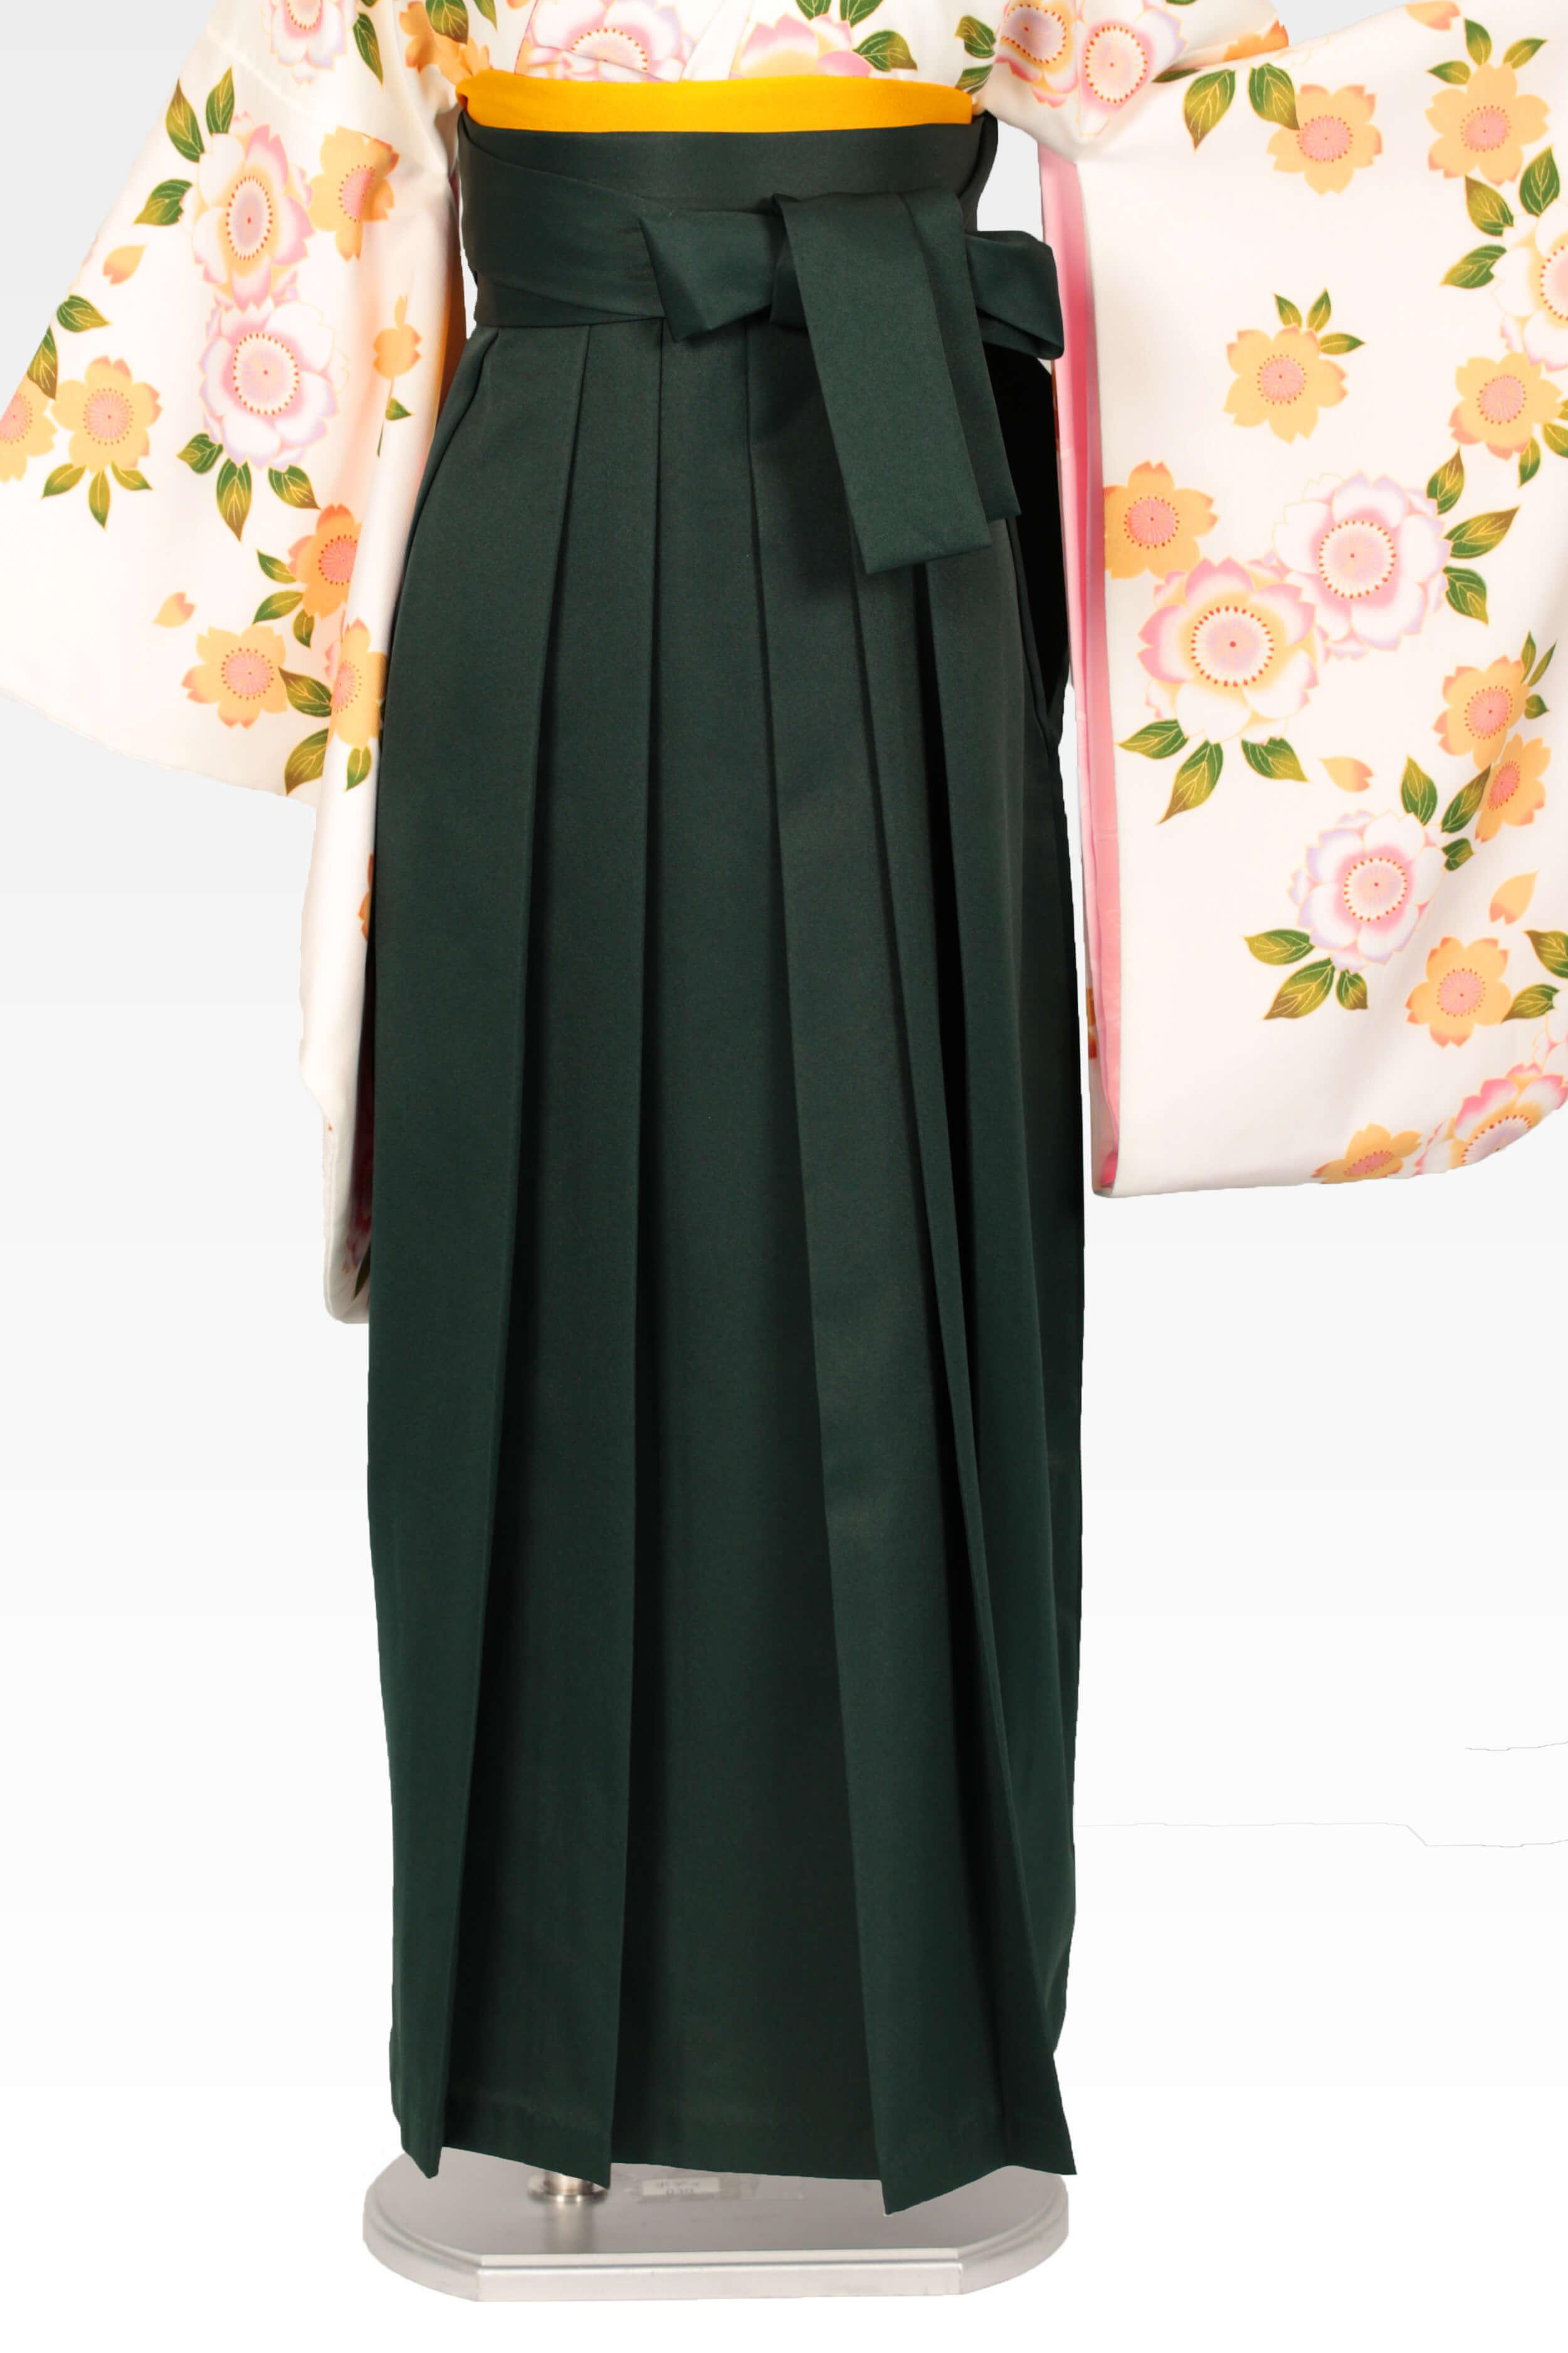 レンタル袴:フカミドリ